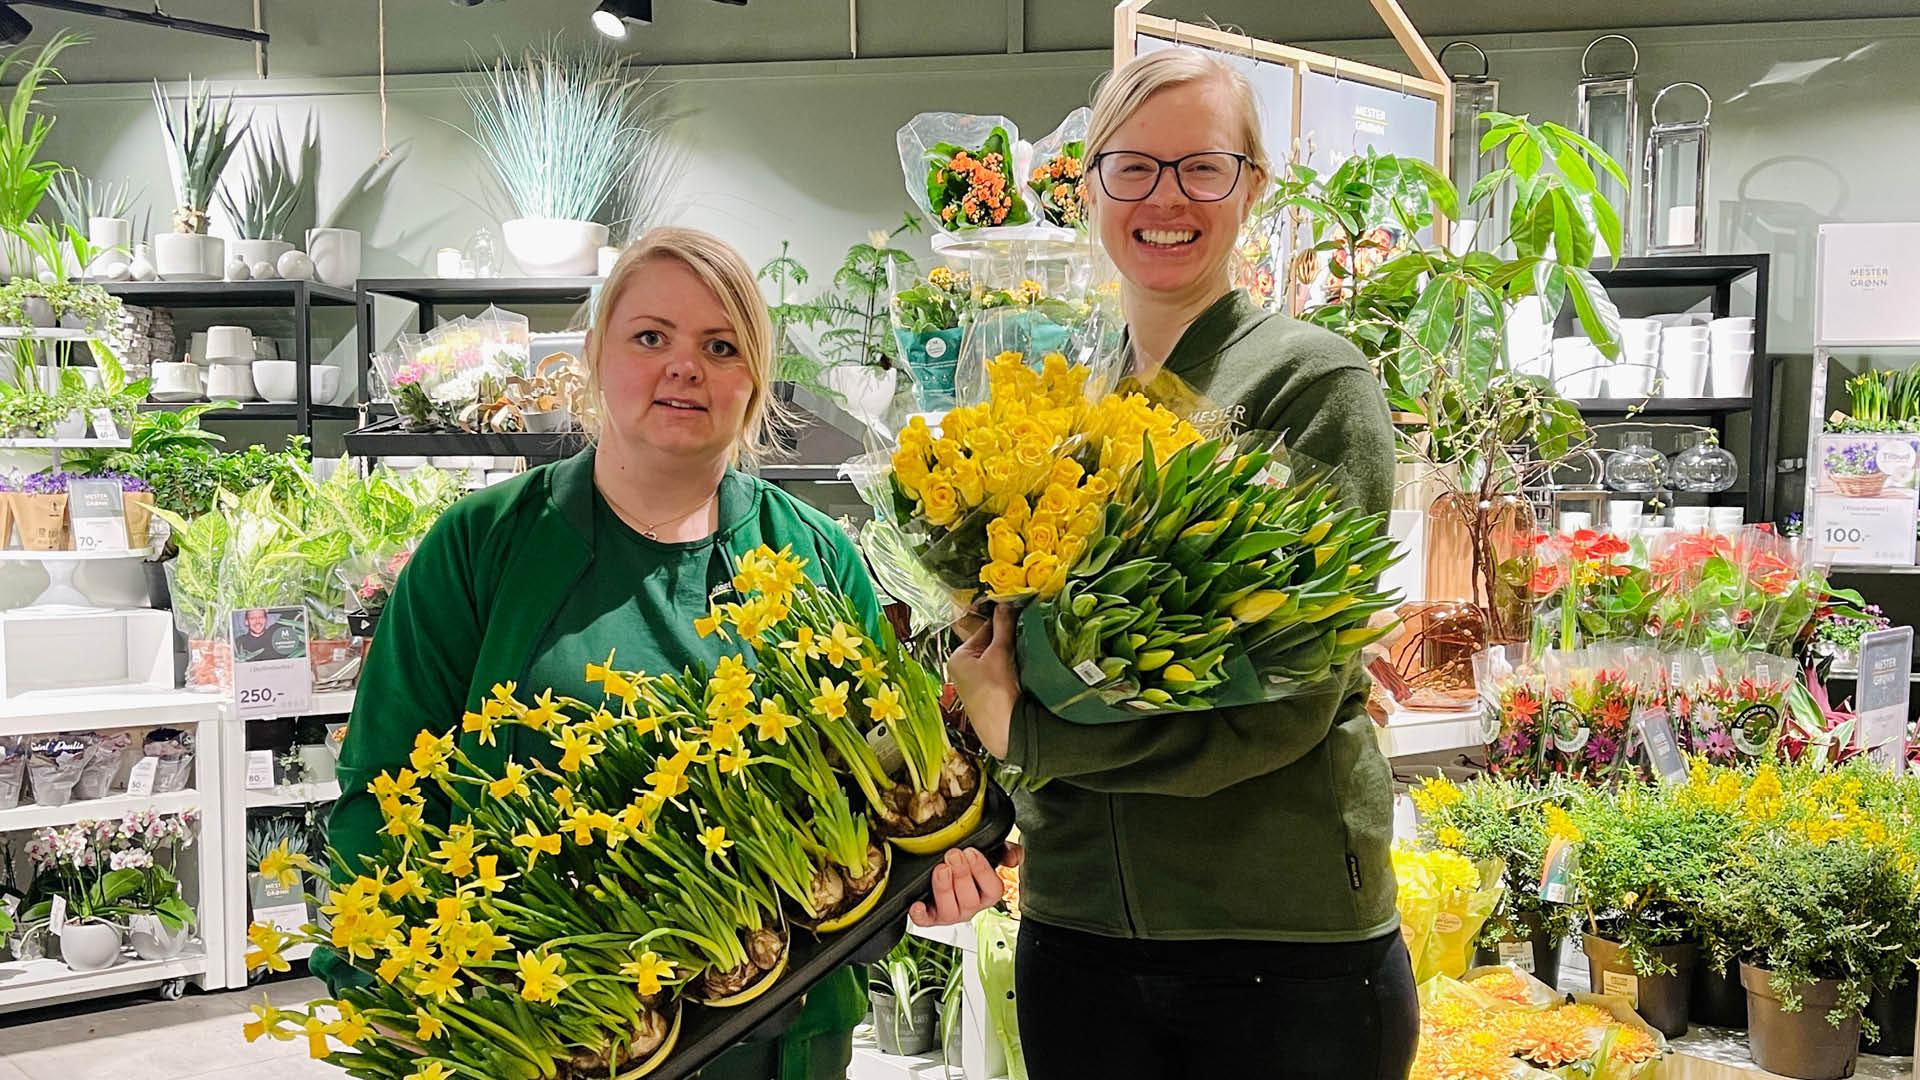 Damer hos Mester Grønn med påskeblomster